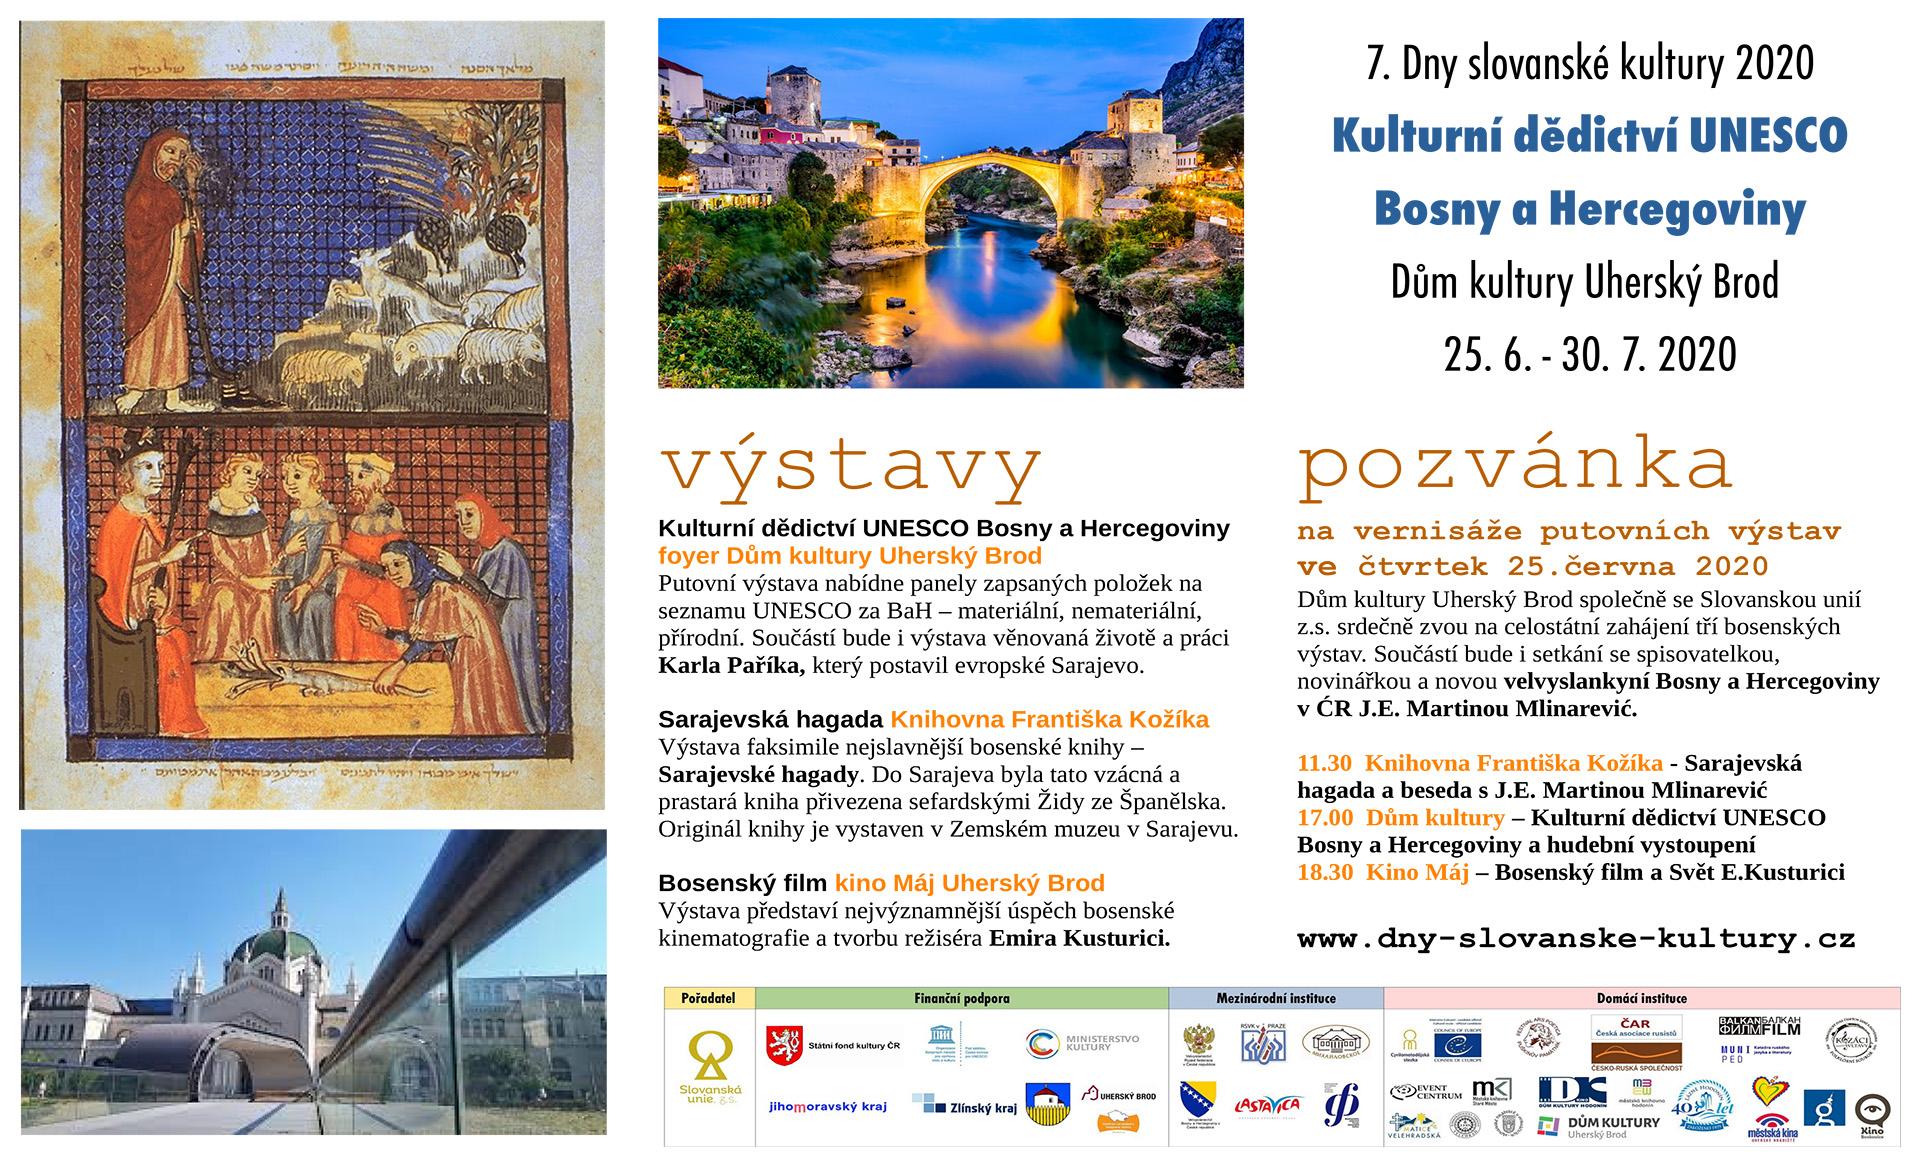 Kulturní dědictví UNESCO Bosny a Hercegoviny